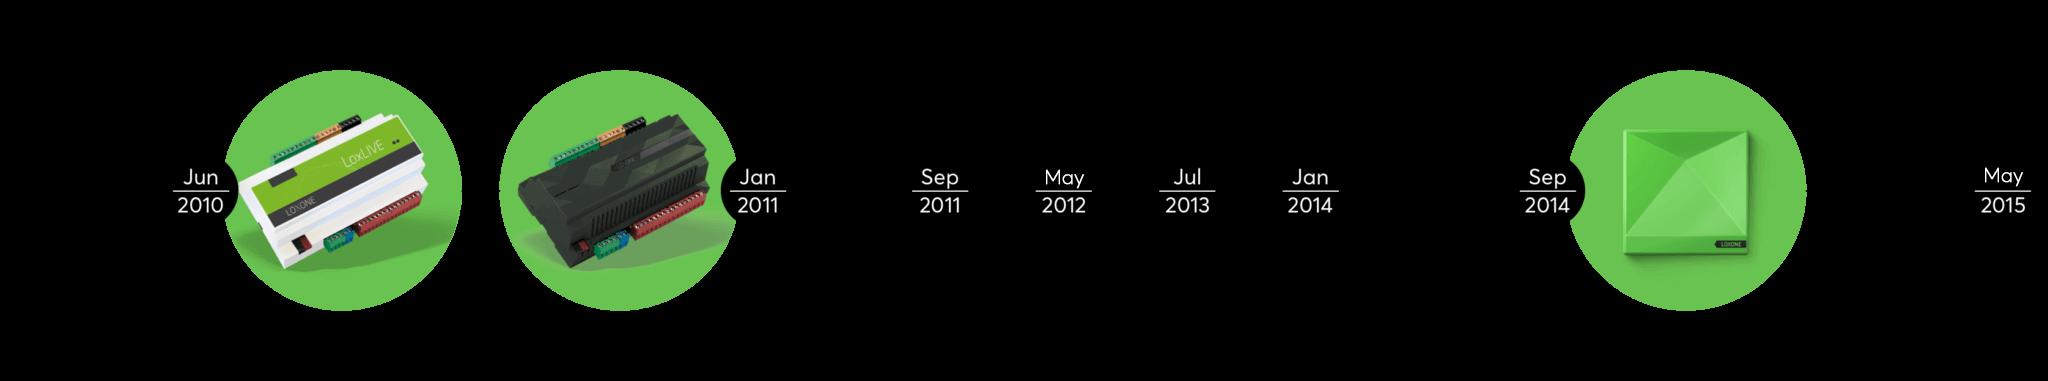 Miniserver timeline